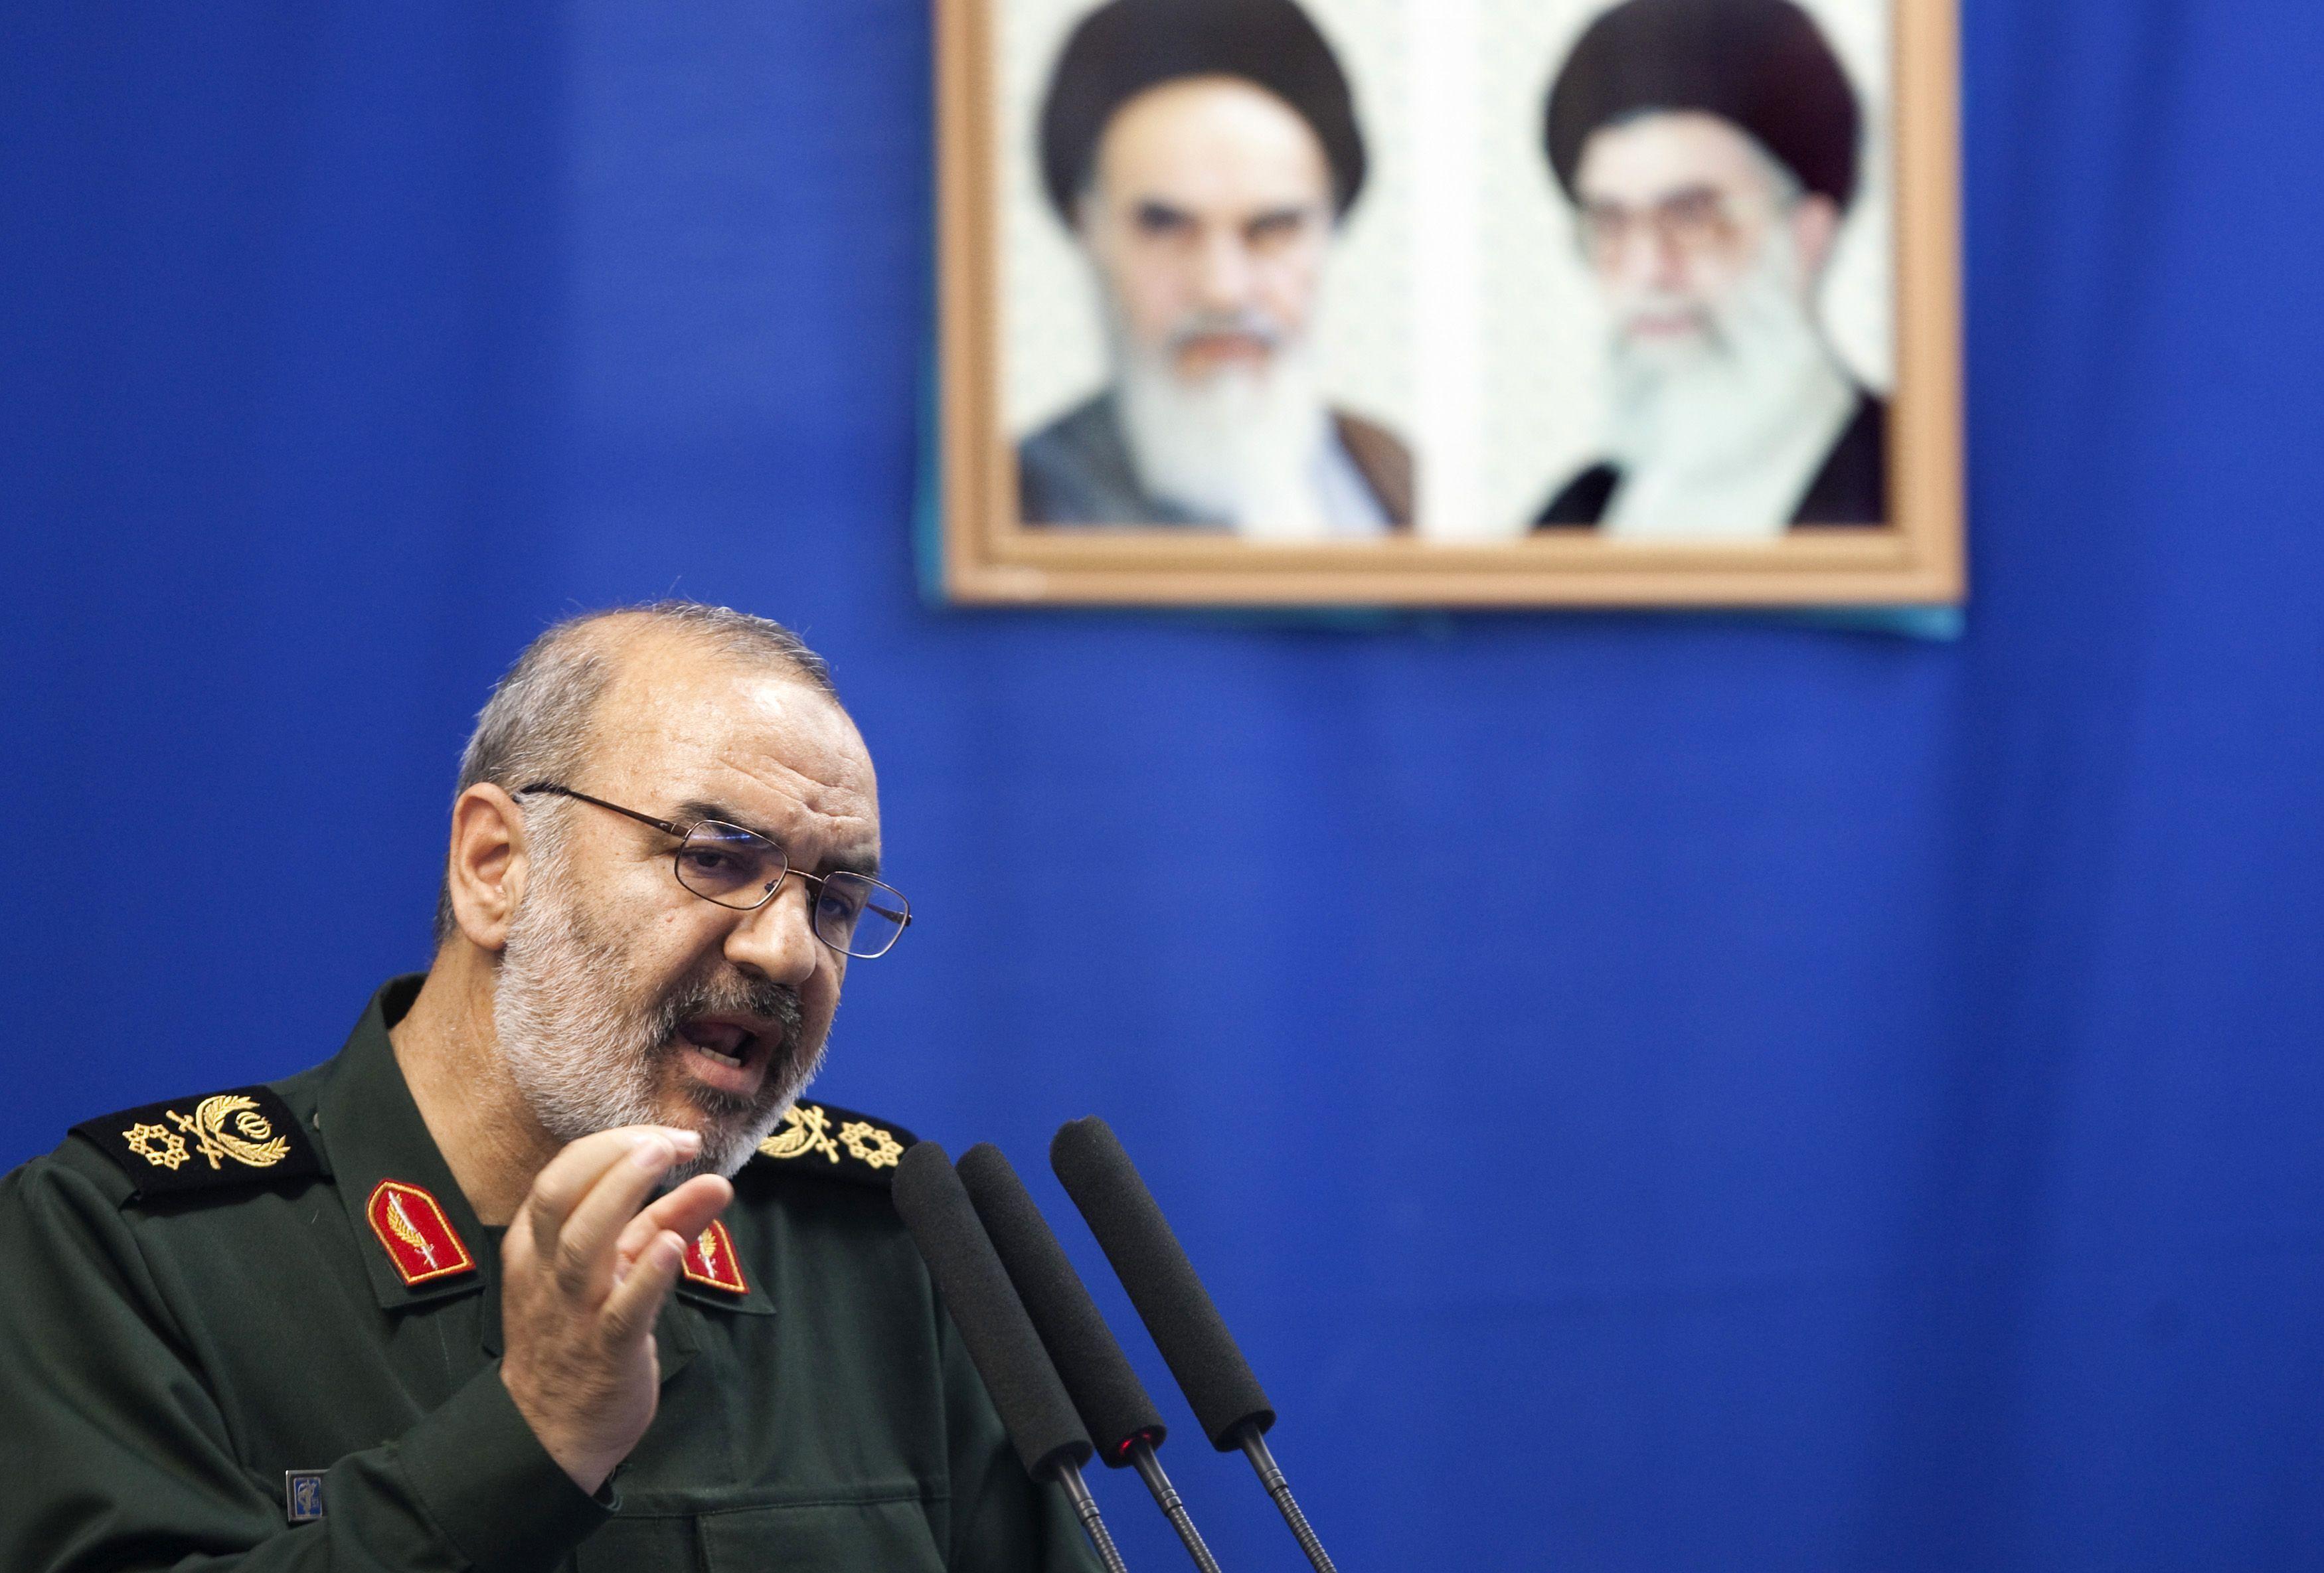 2010-07-16T120000Z_1791575451_GM1E67G1K6U01_RTRMADP_3_IRAN-U-S-TERRORISM